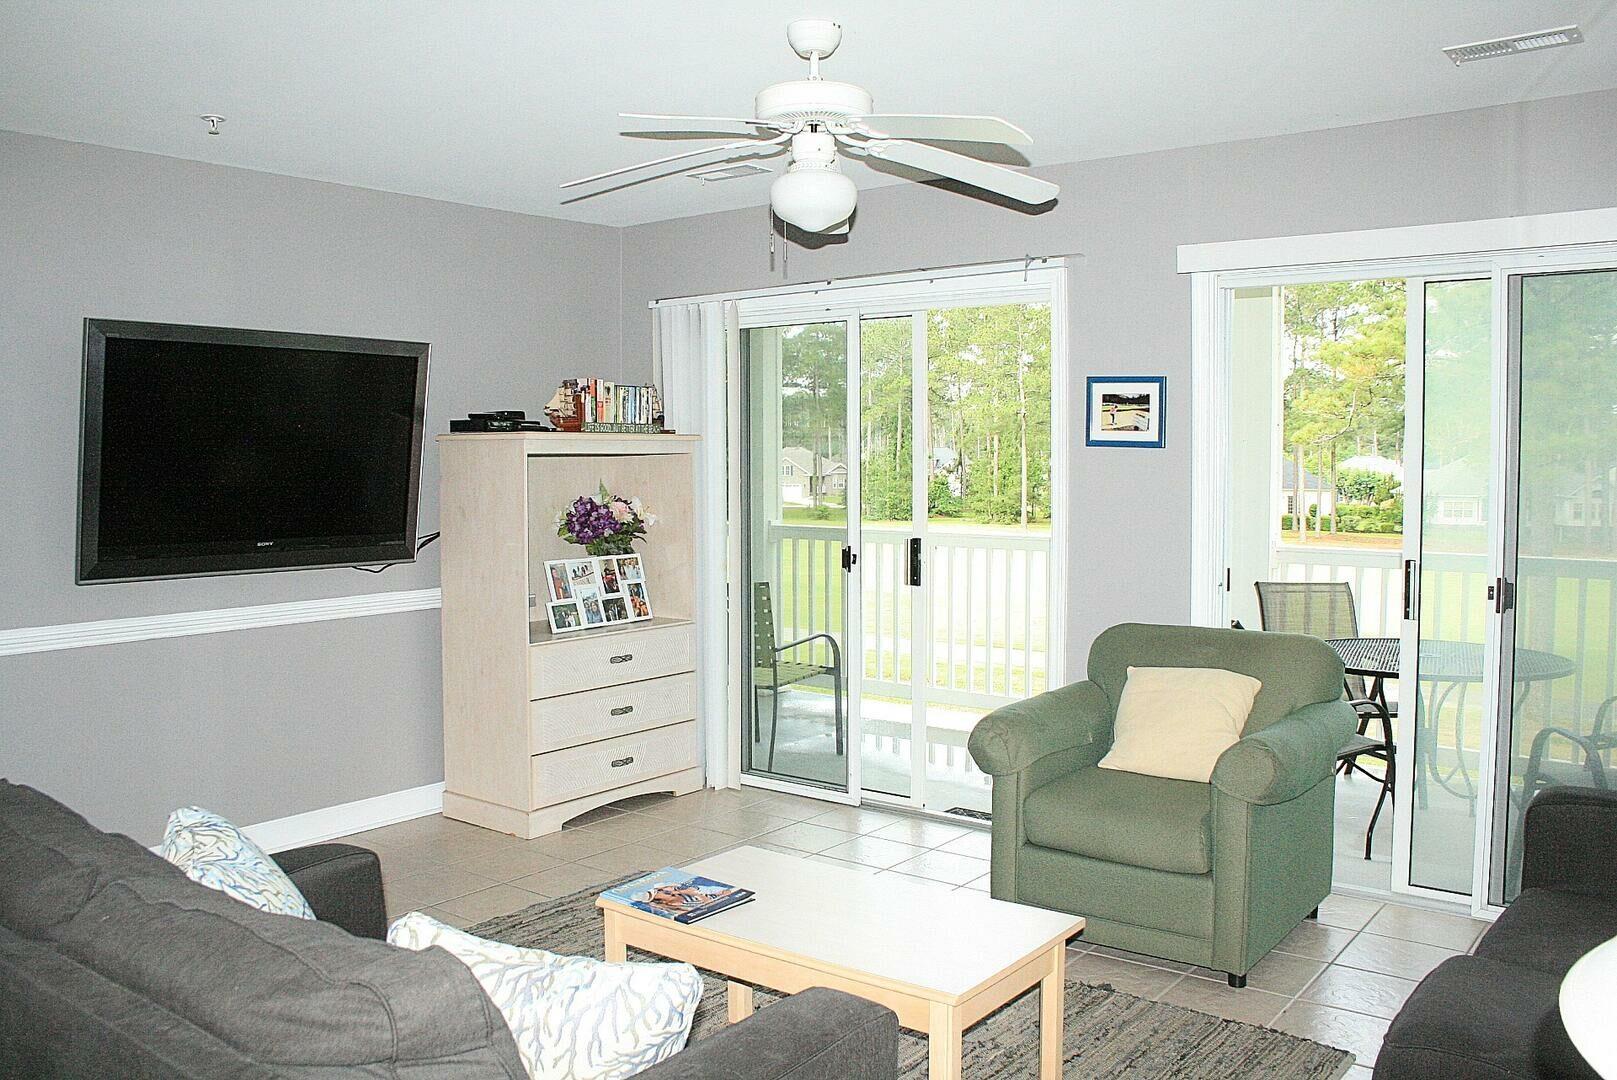 2305 2 Bedroom/2 Bath Villa